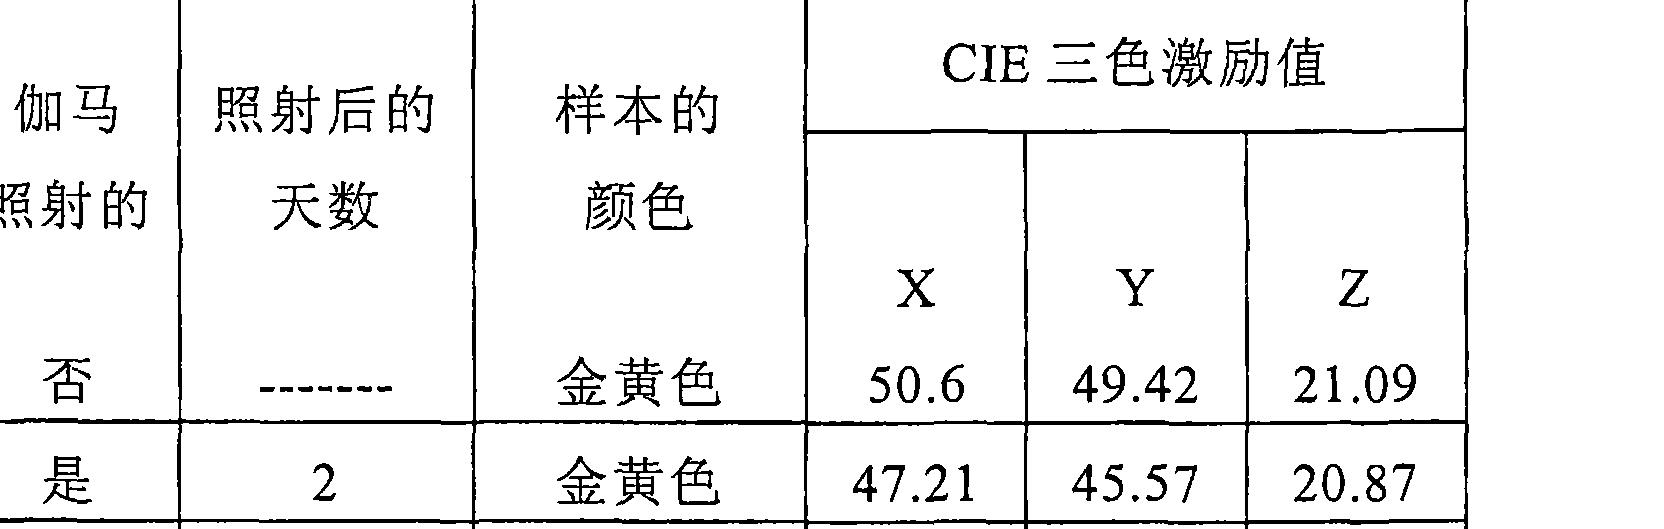 Figure CN101370528BD00181